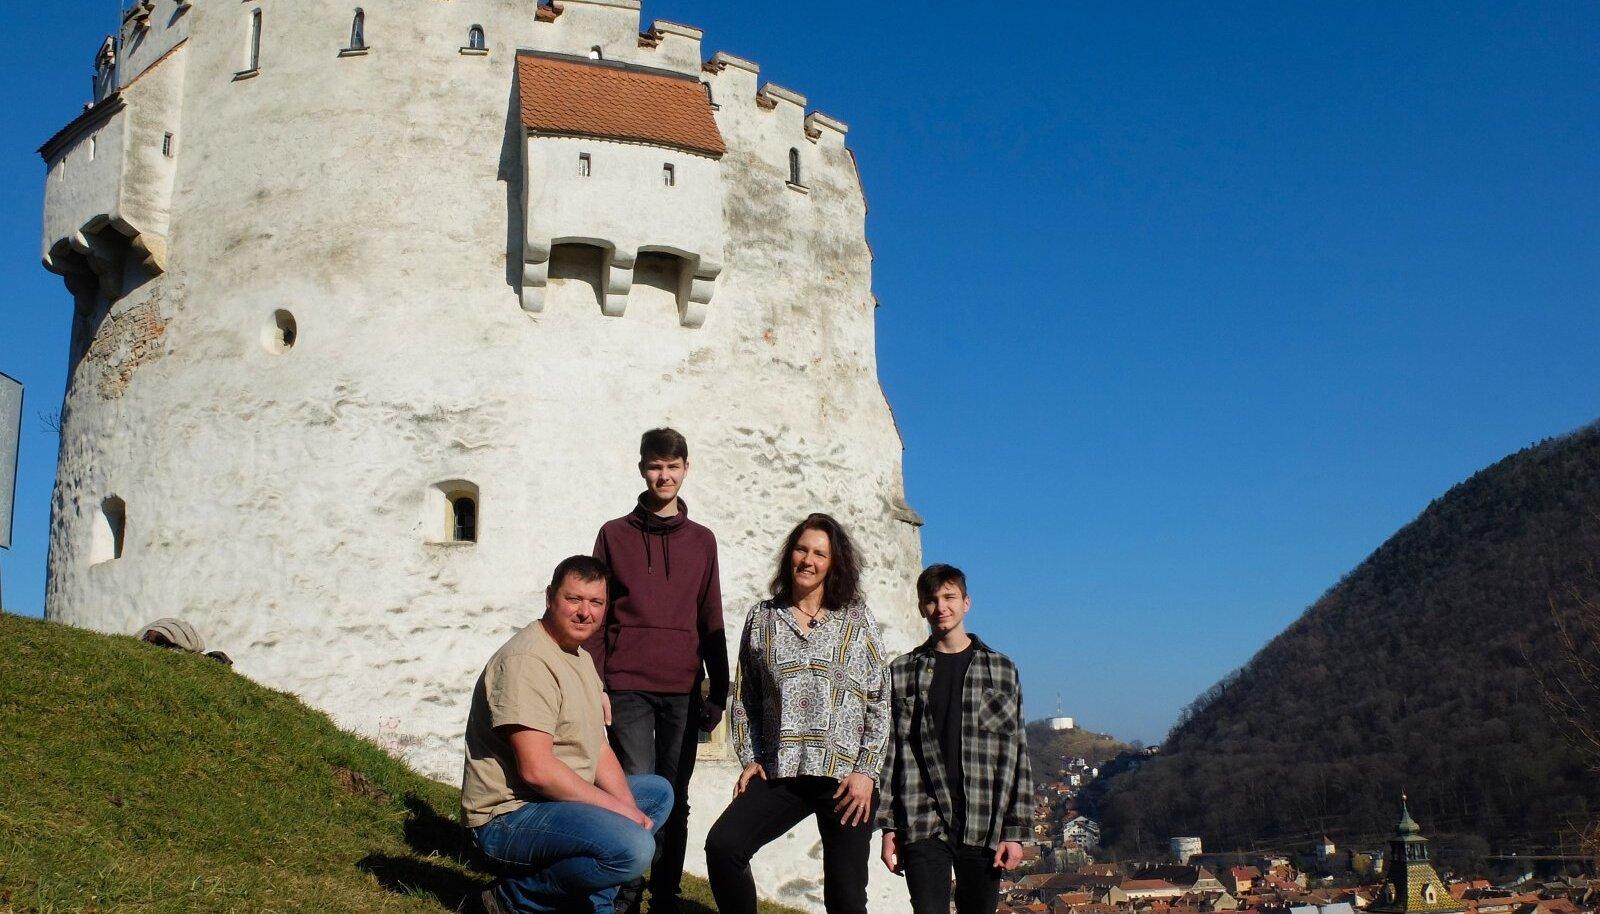 Anu ja Daniel koos poegade Alexi ja Robiniga Brașovi Valge torni taustal..